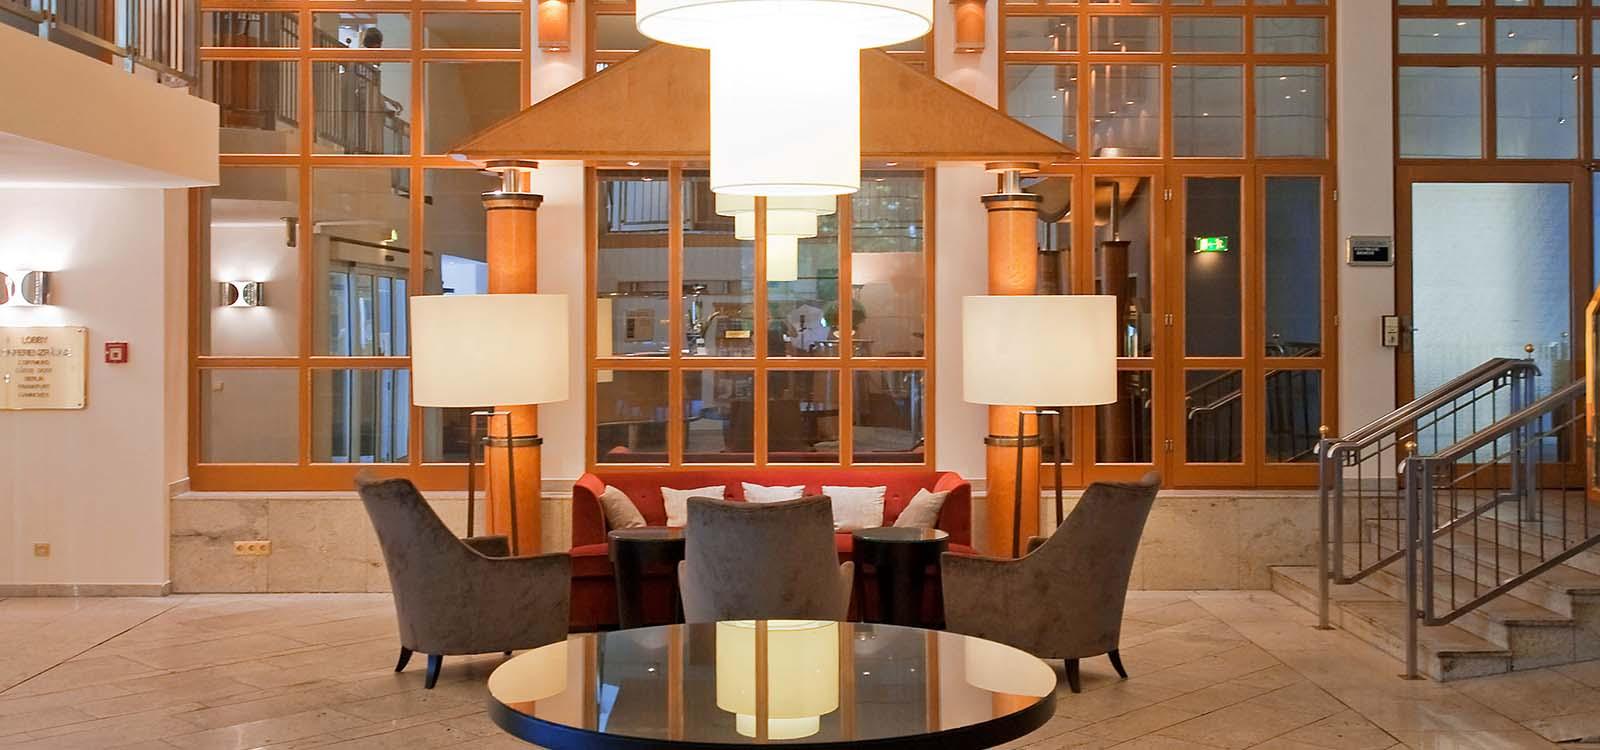 Hotel Nahe Dortmund